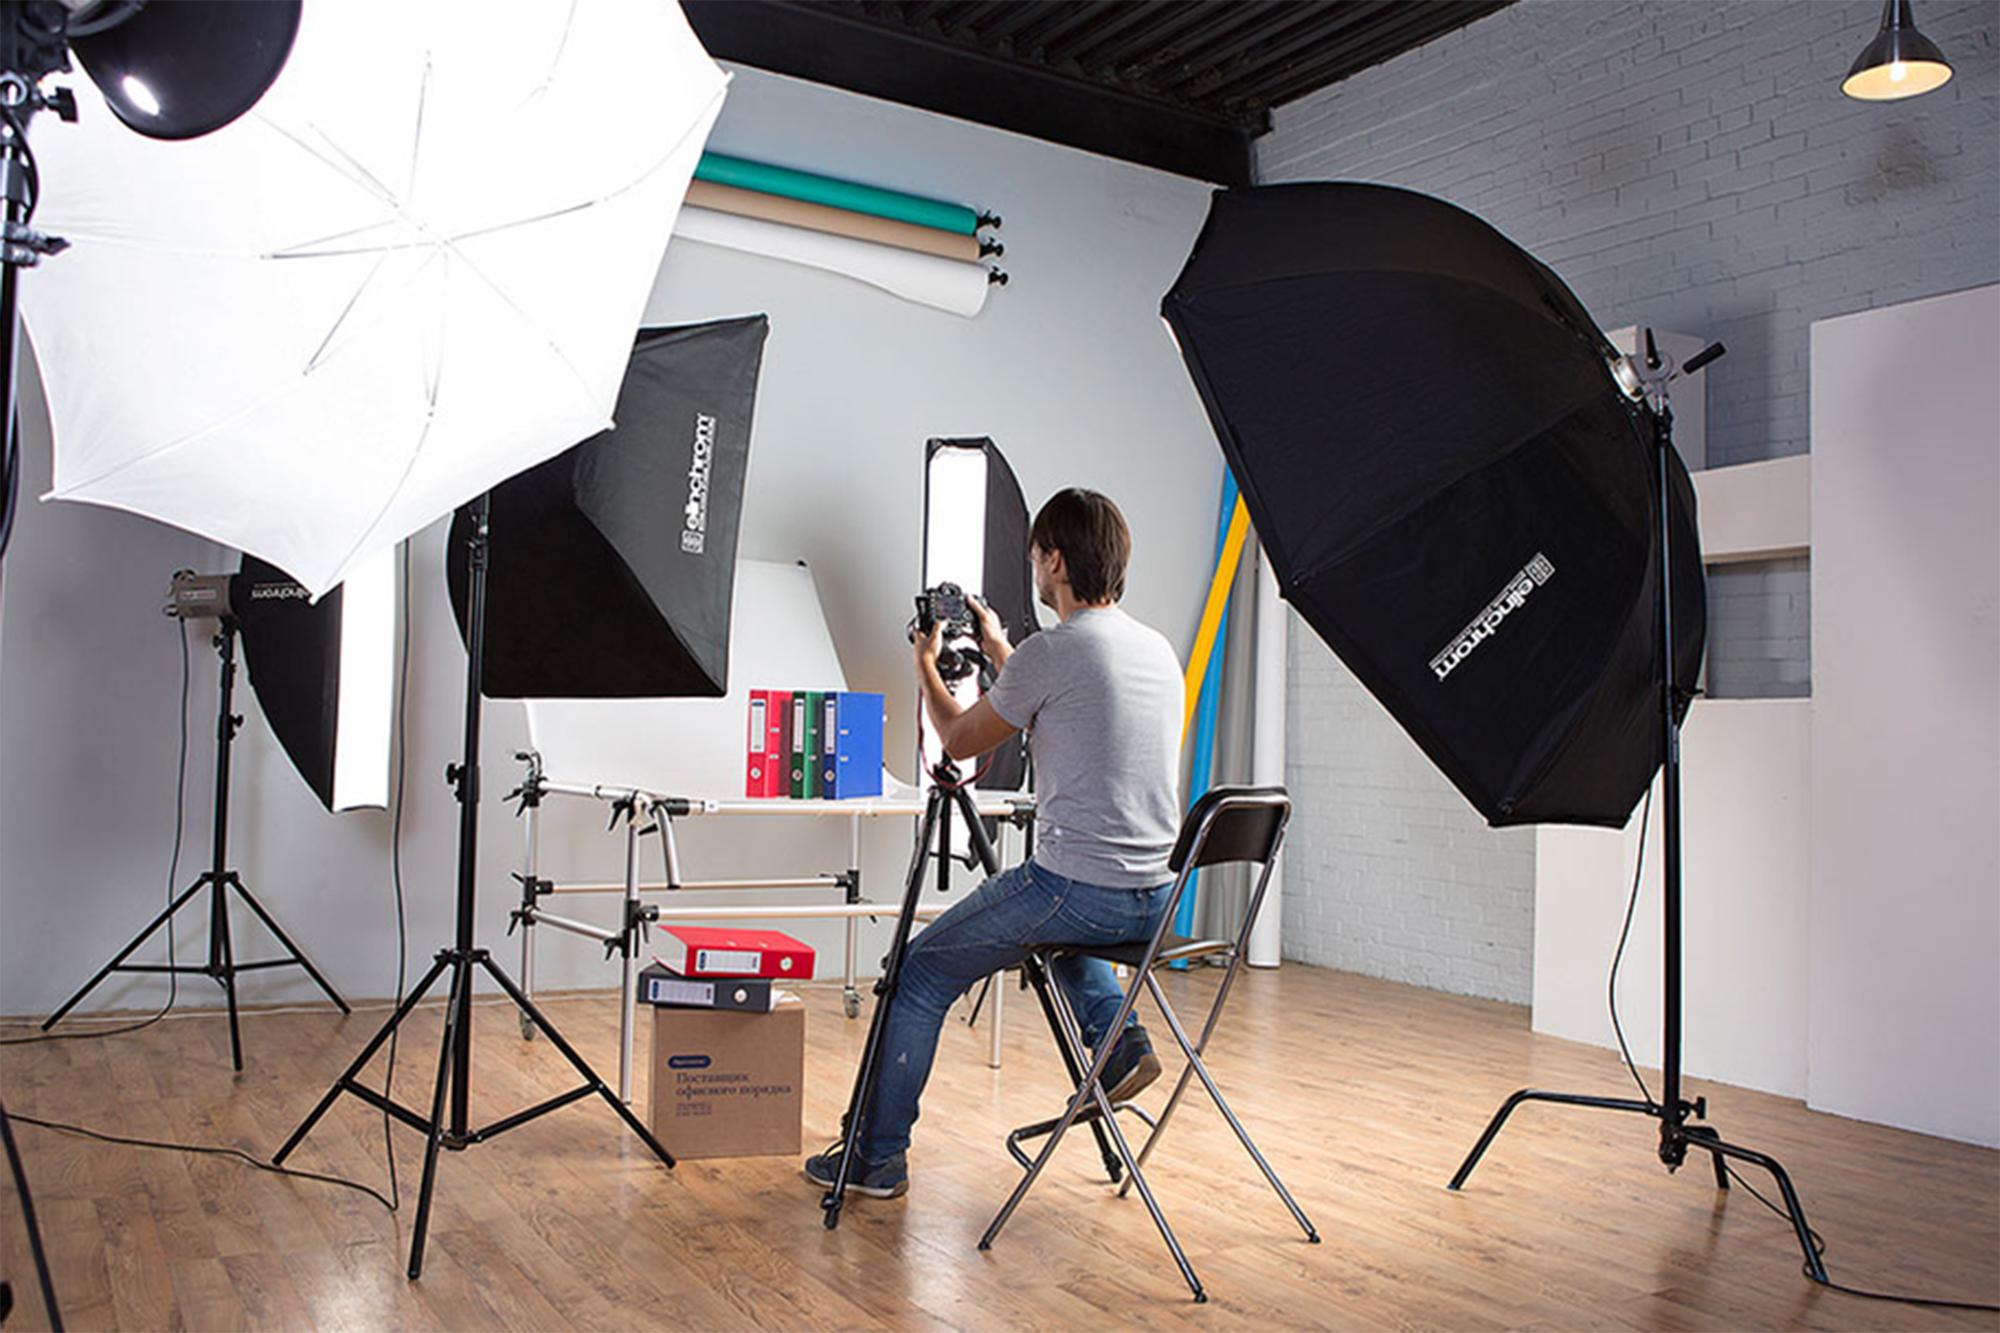 приспособление на фотоаппарат в студии пошагово очередность